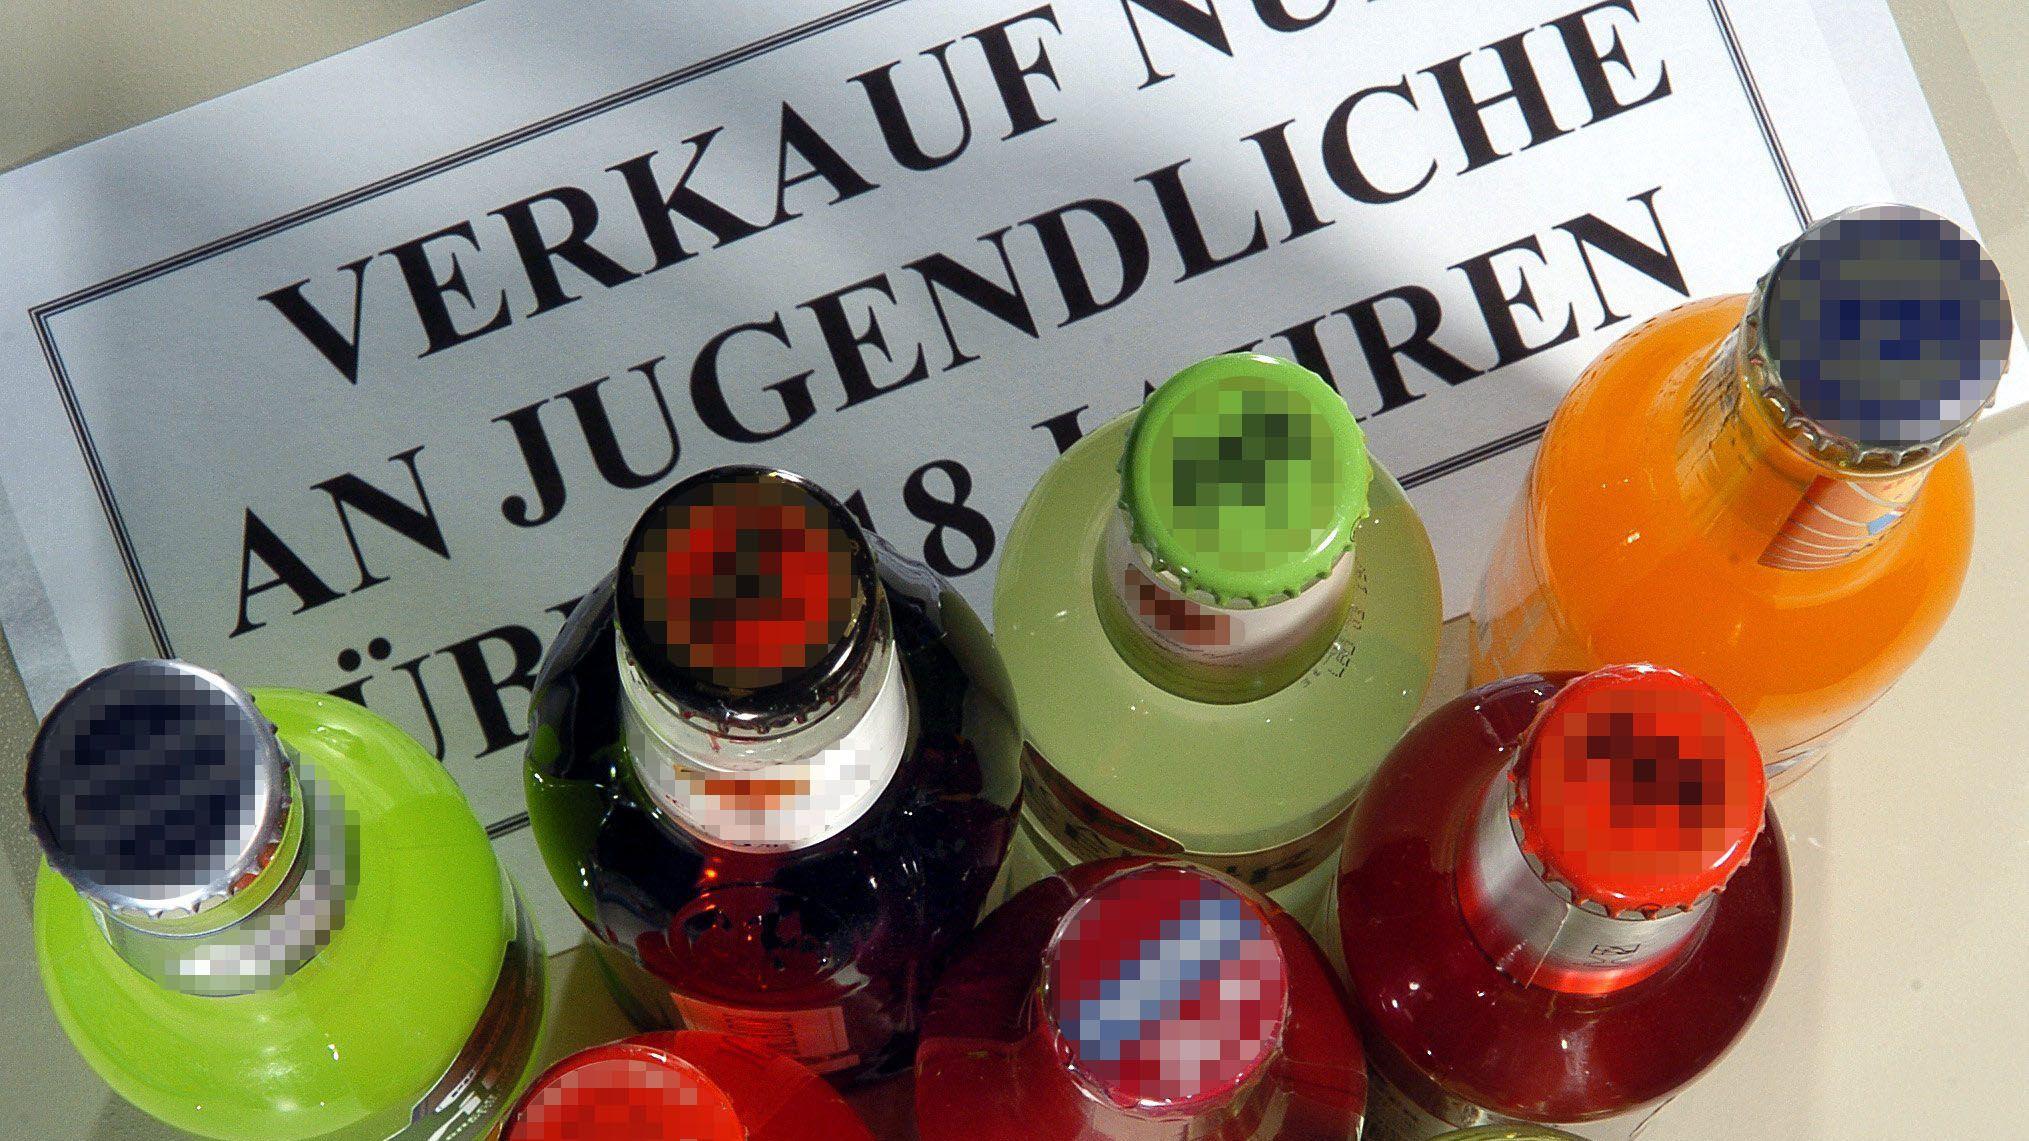 Verschiedene Flaschen und ein Jugenschutz-Hinweis